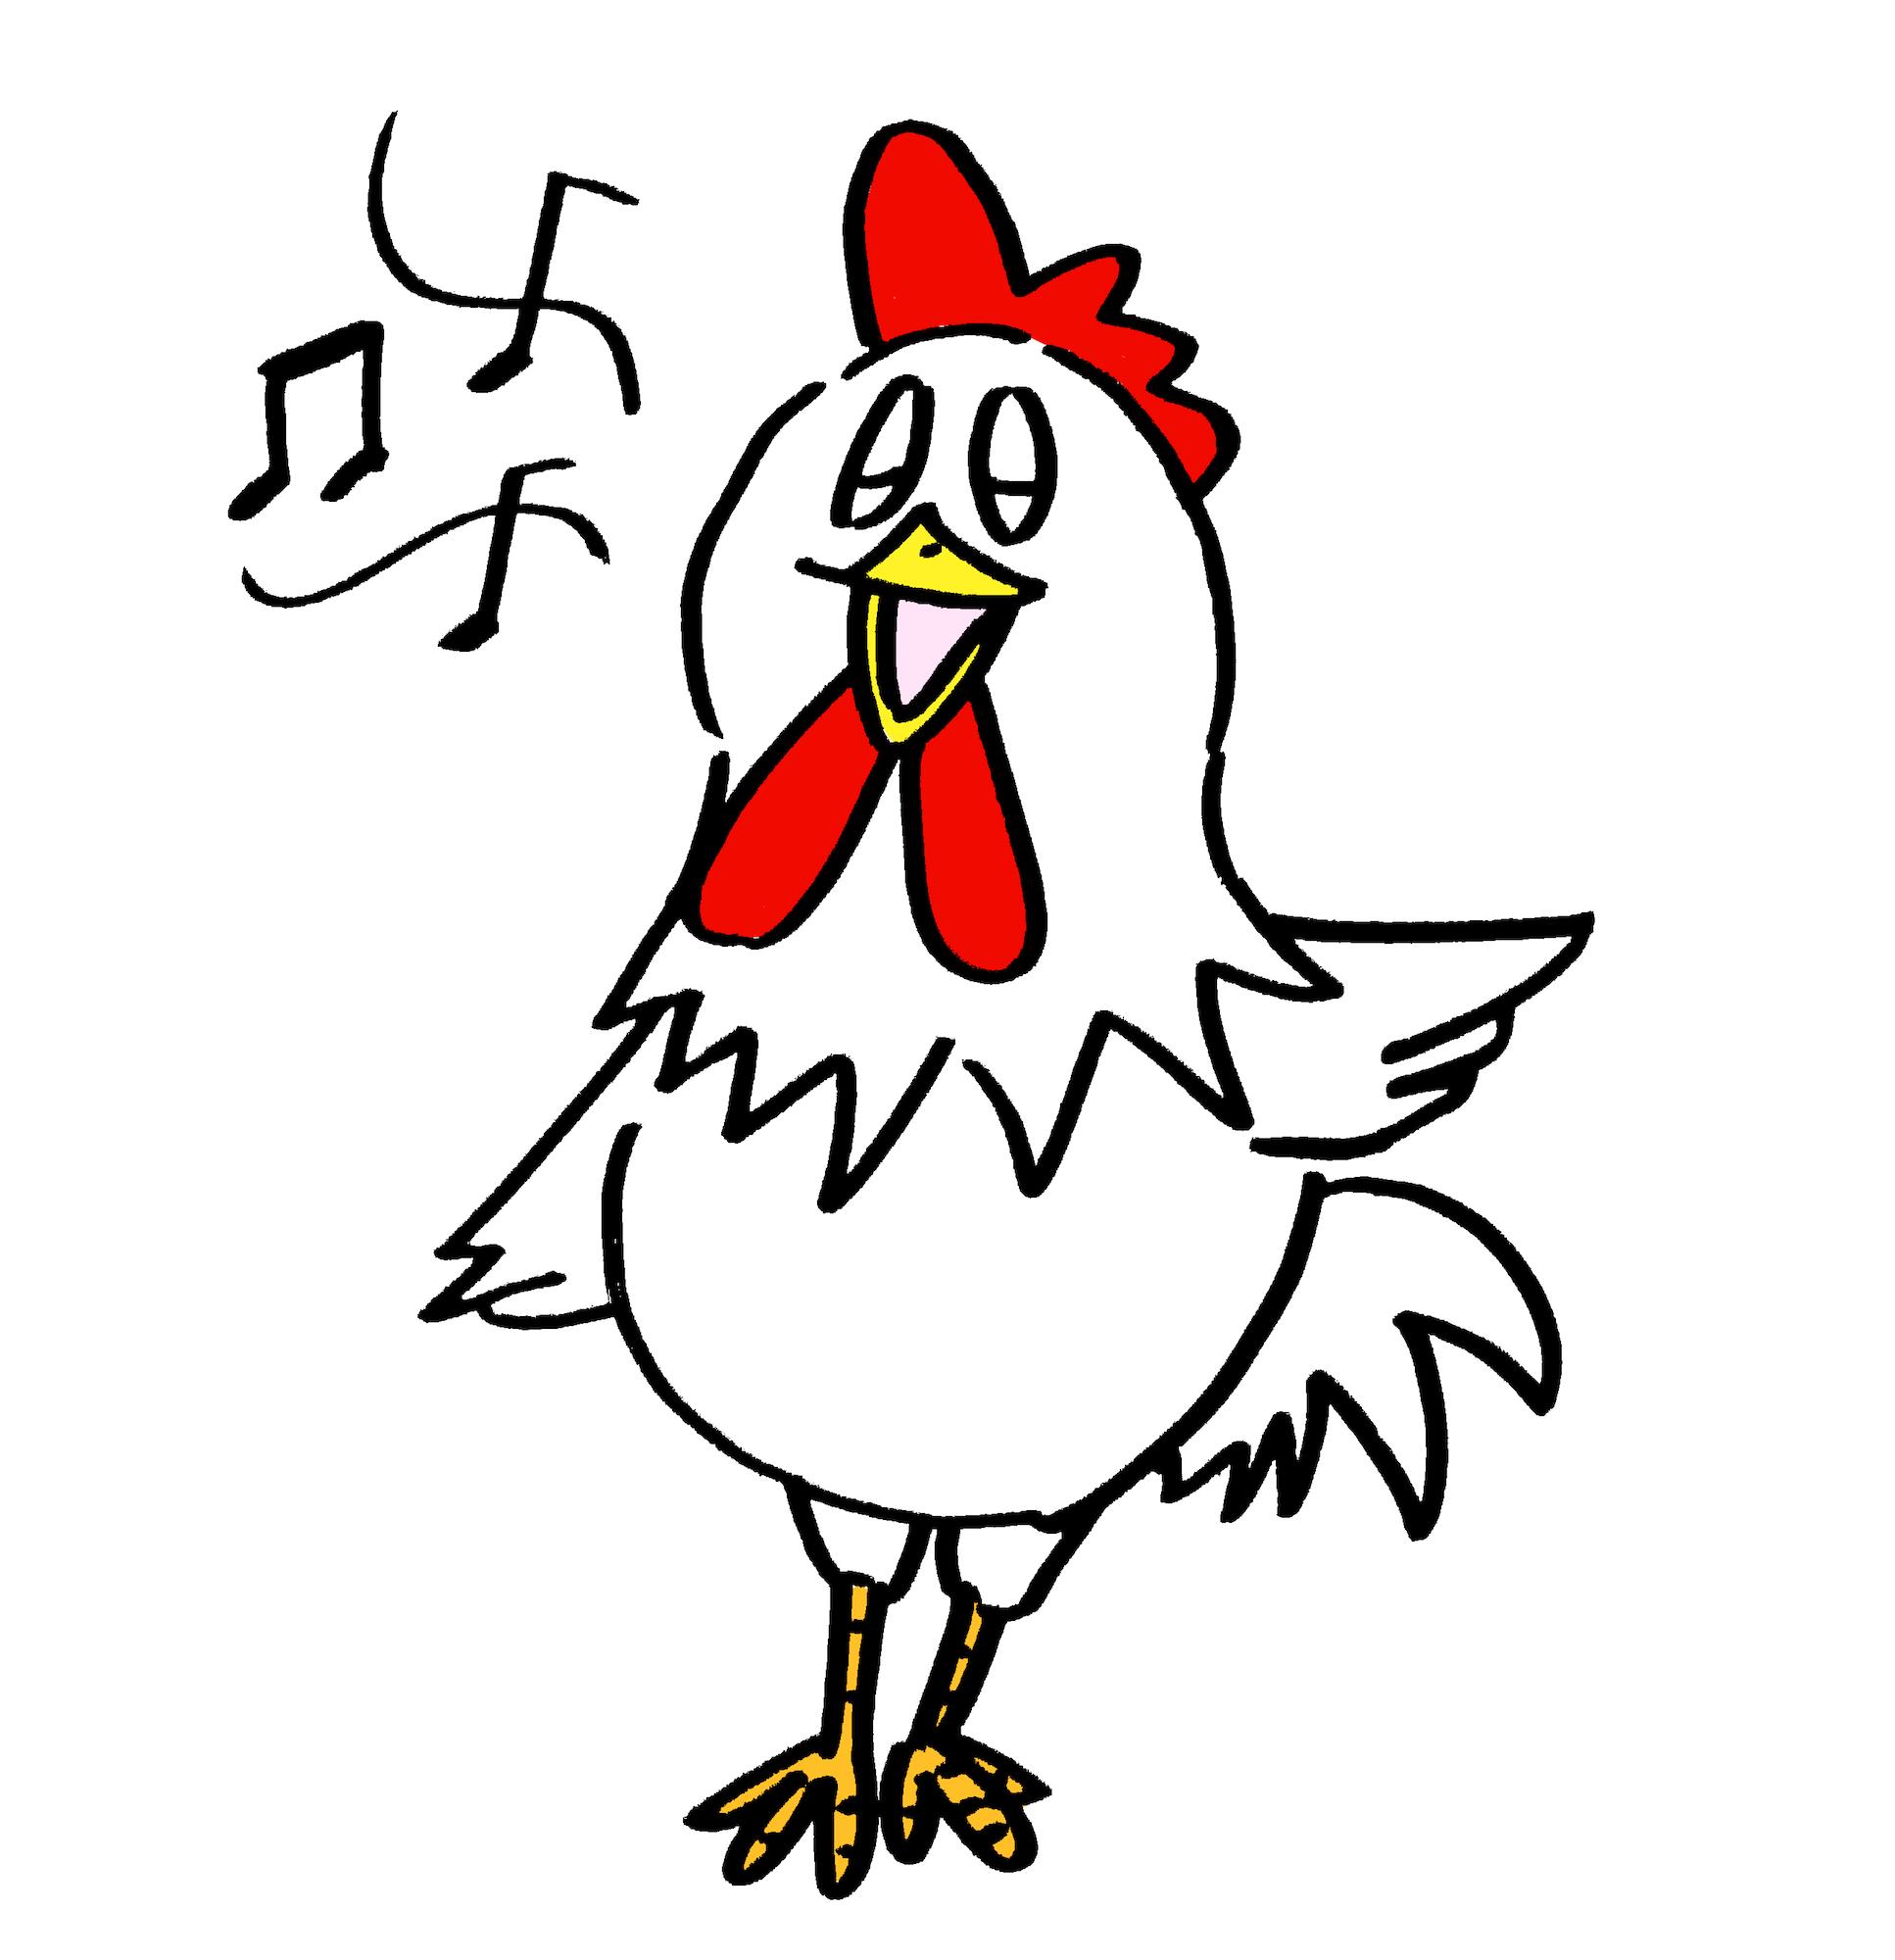 楽しく歌う可愛いニワトリ鶏☆無料年賀状素材干支酉年